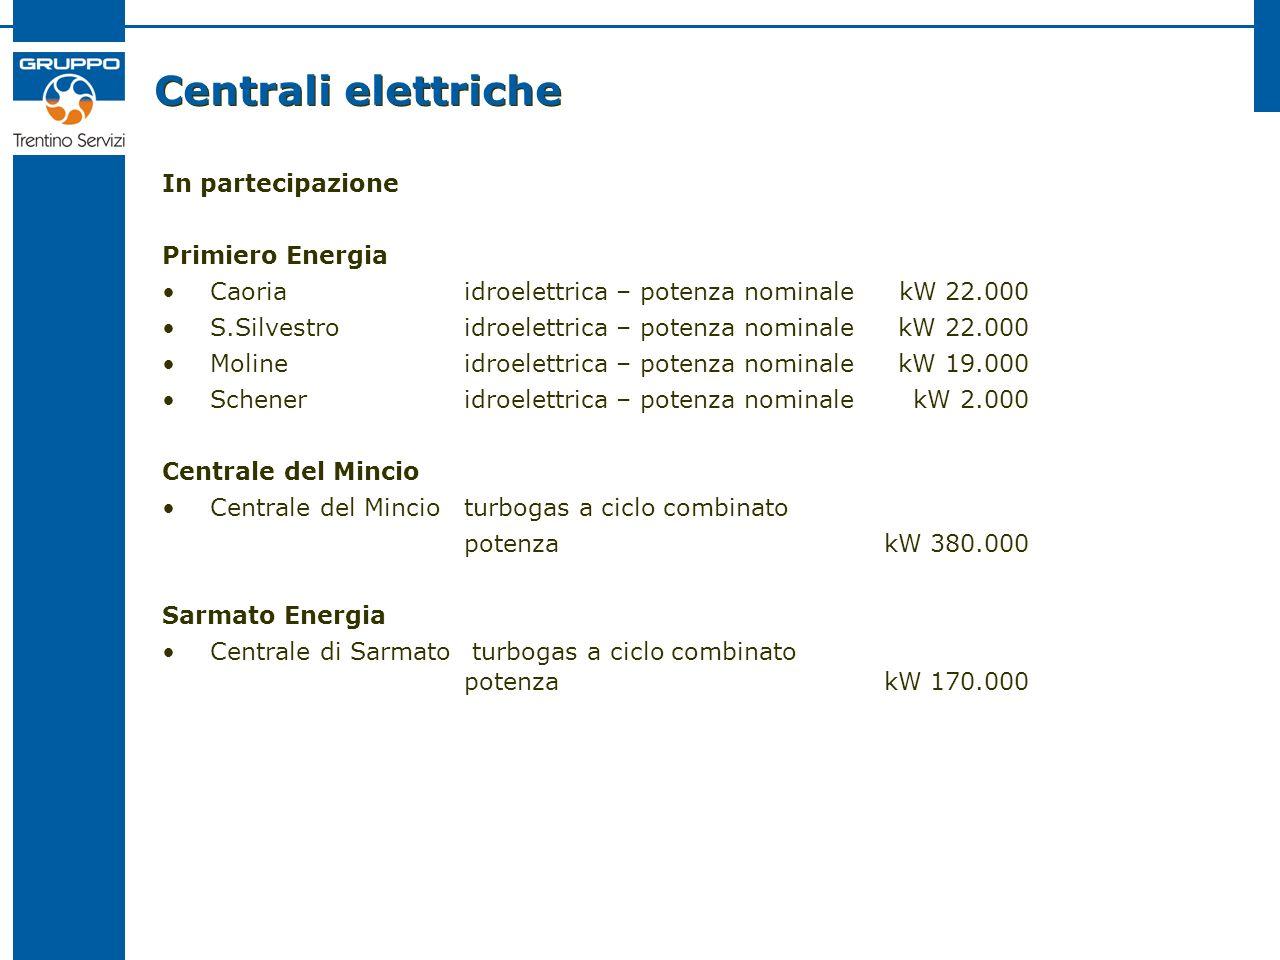 Centrali elettriche In partecipazione Primiero Energia Caoriaidroelettrica – potenza nominale kW 22.000 S.Silvestroidroelettrica – potenza nominale kW 22.000 Molineidroelettrica – potenza nominale kW 19.000 Scheneridroelettrica – potenza nominale kW 2.000 Centrale del Mincio Centrale del Mincioturbogas a ciclo combinato potenza kW 380.000 Sarmato Energia Centrale di Sarmato turbogas a ciclo combinato potenza kW 170.000